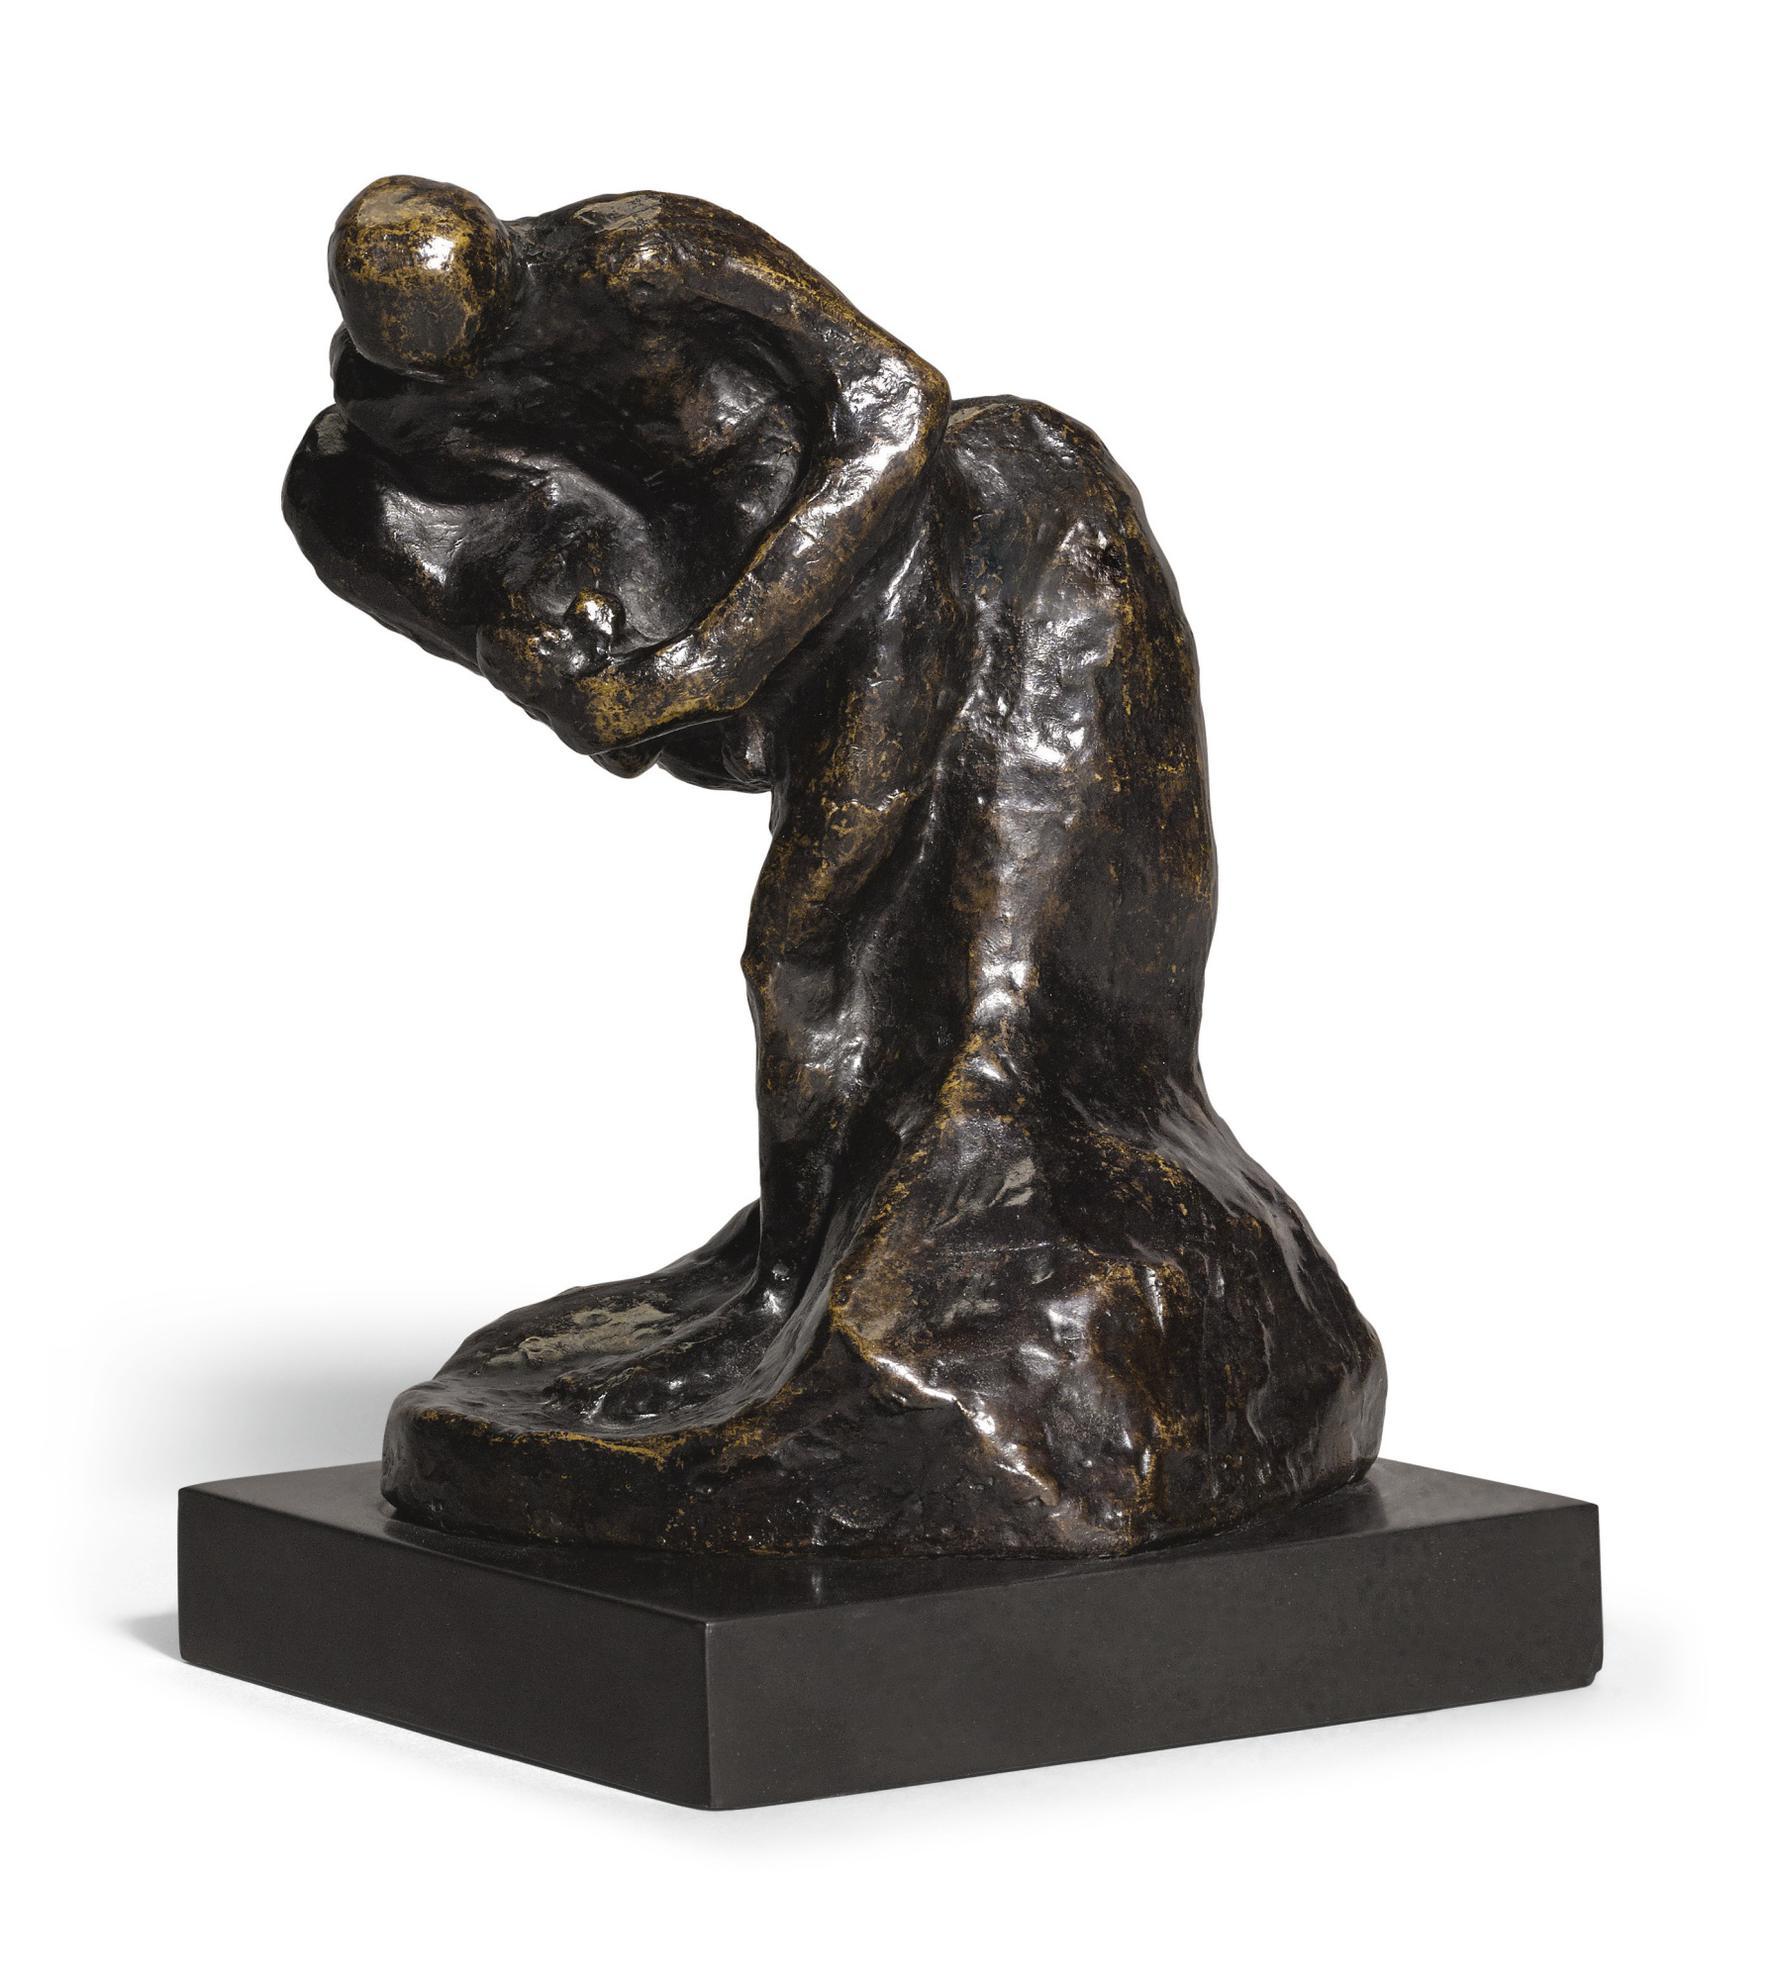 Henri Matisse-Tireur Depine-1958